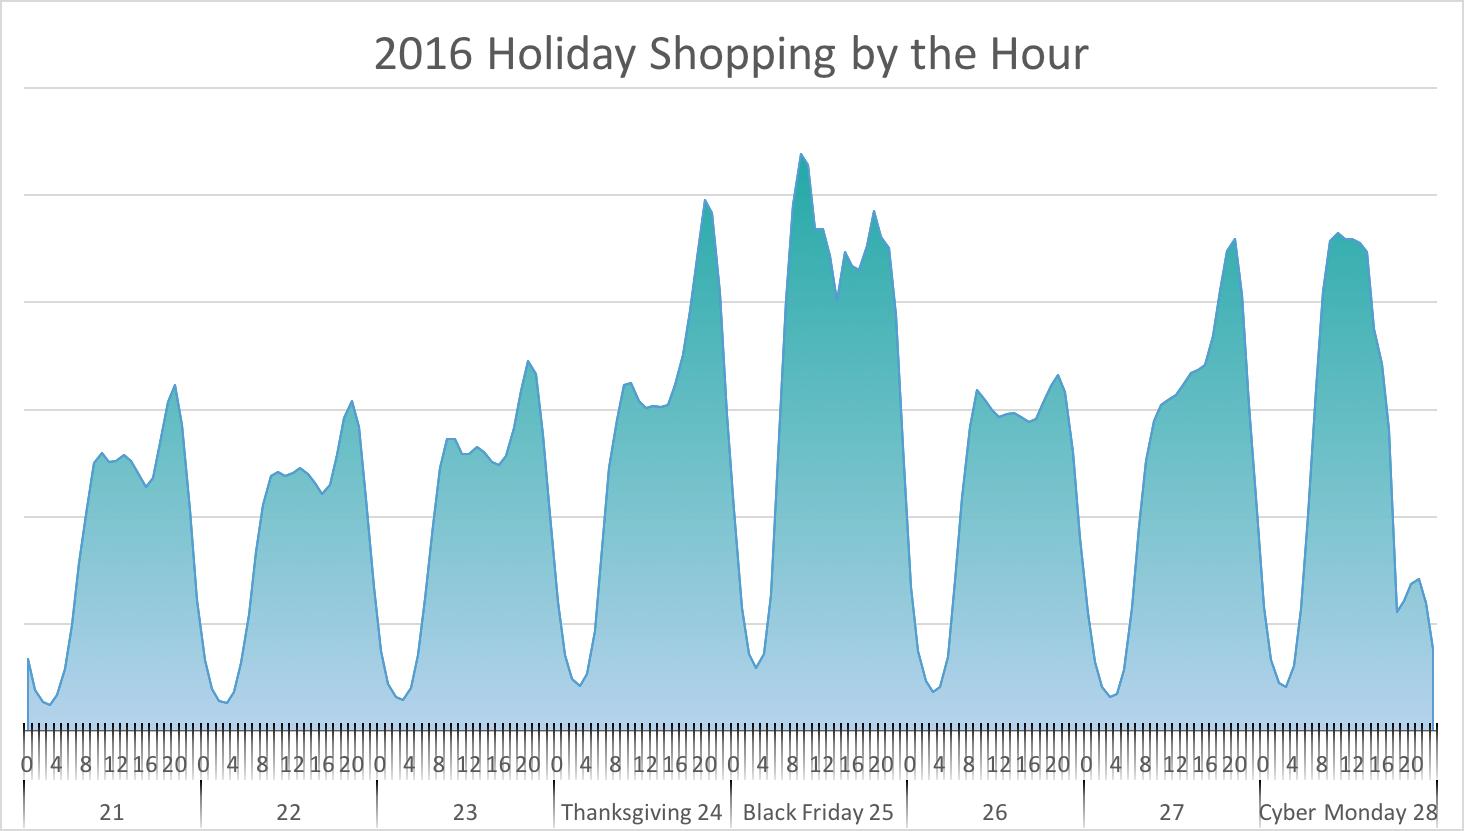 Post-BF Holiday Data Chart